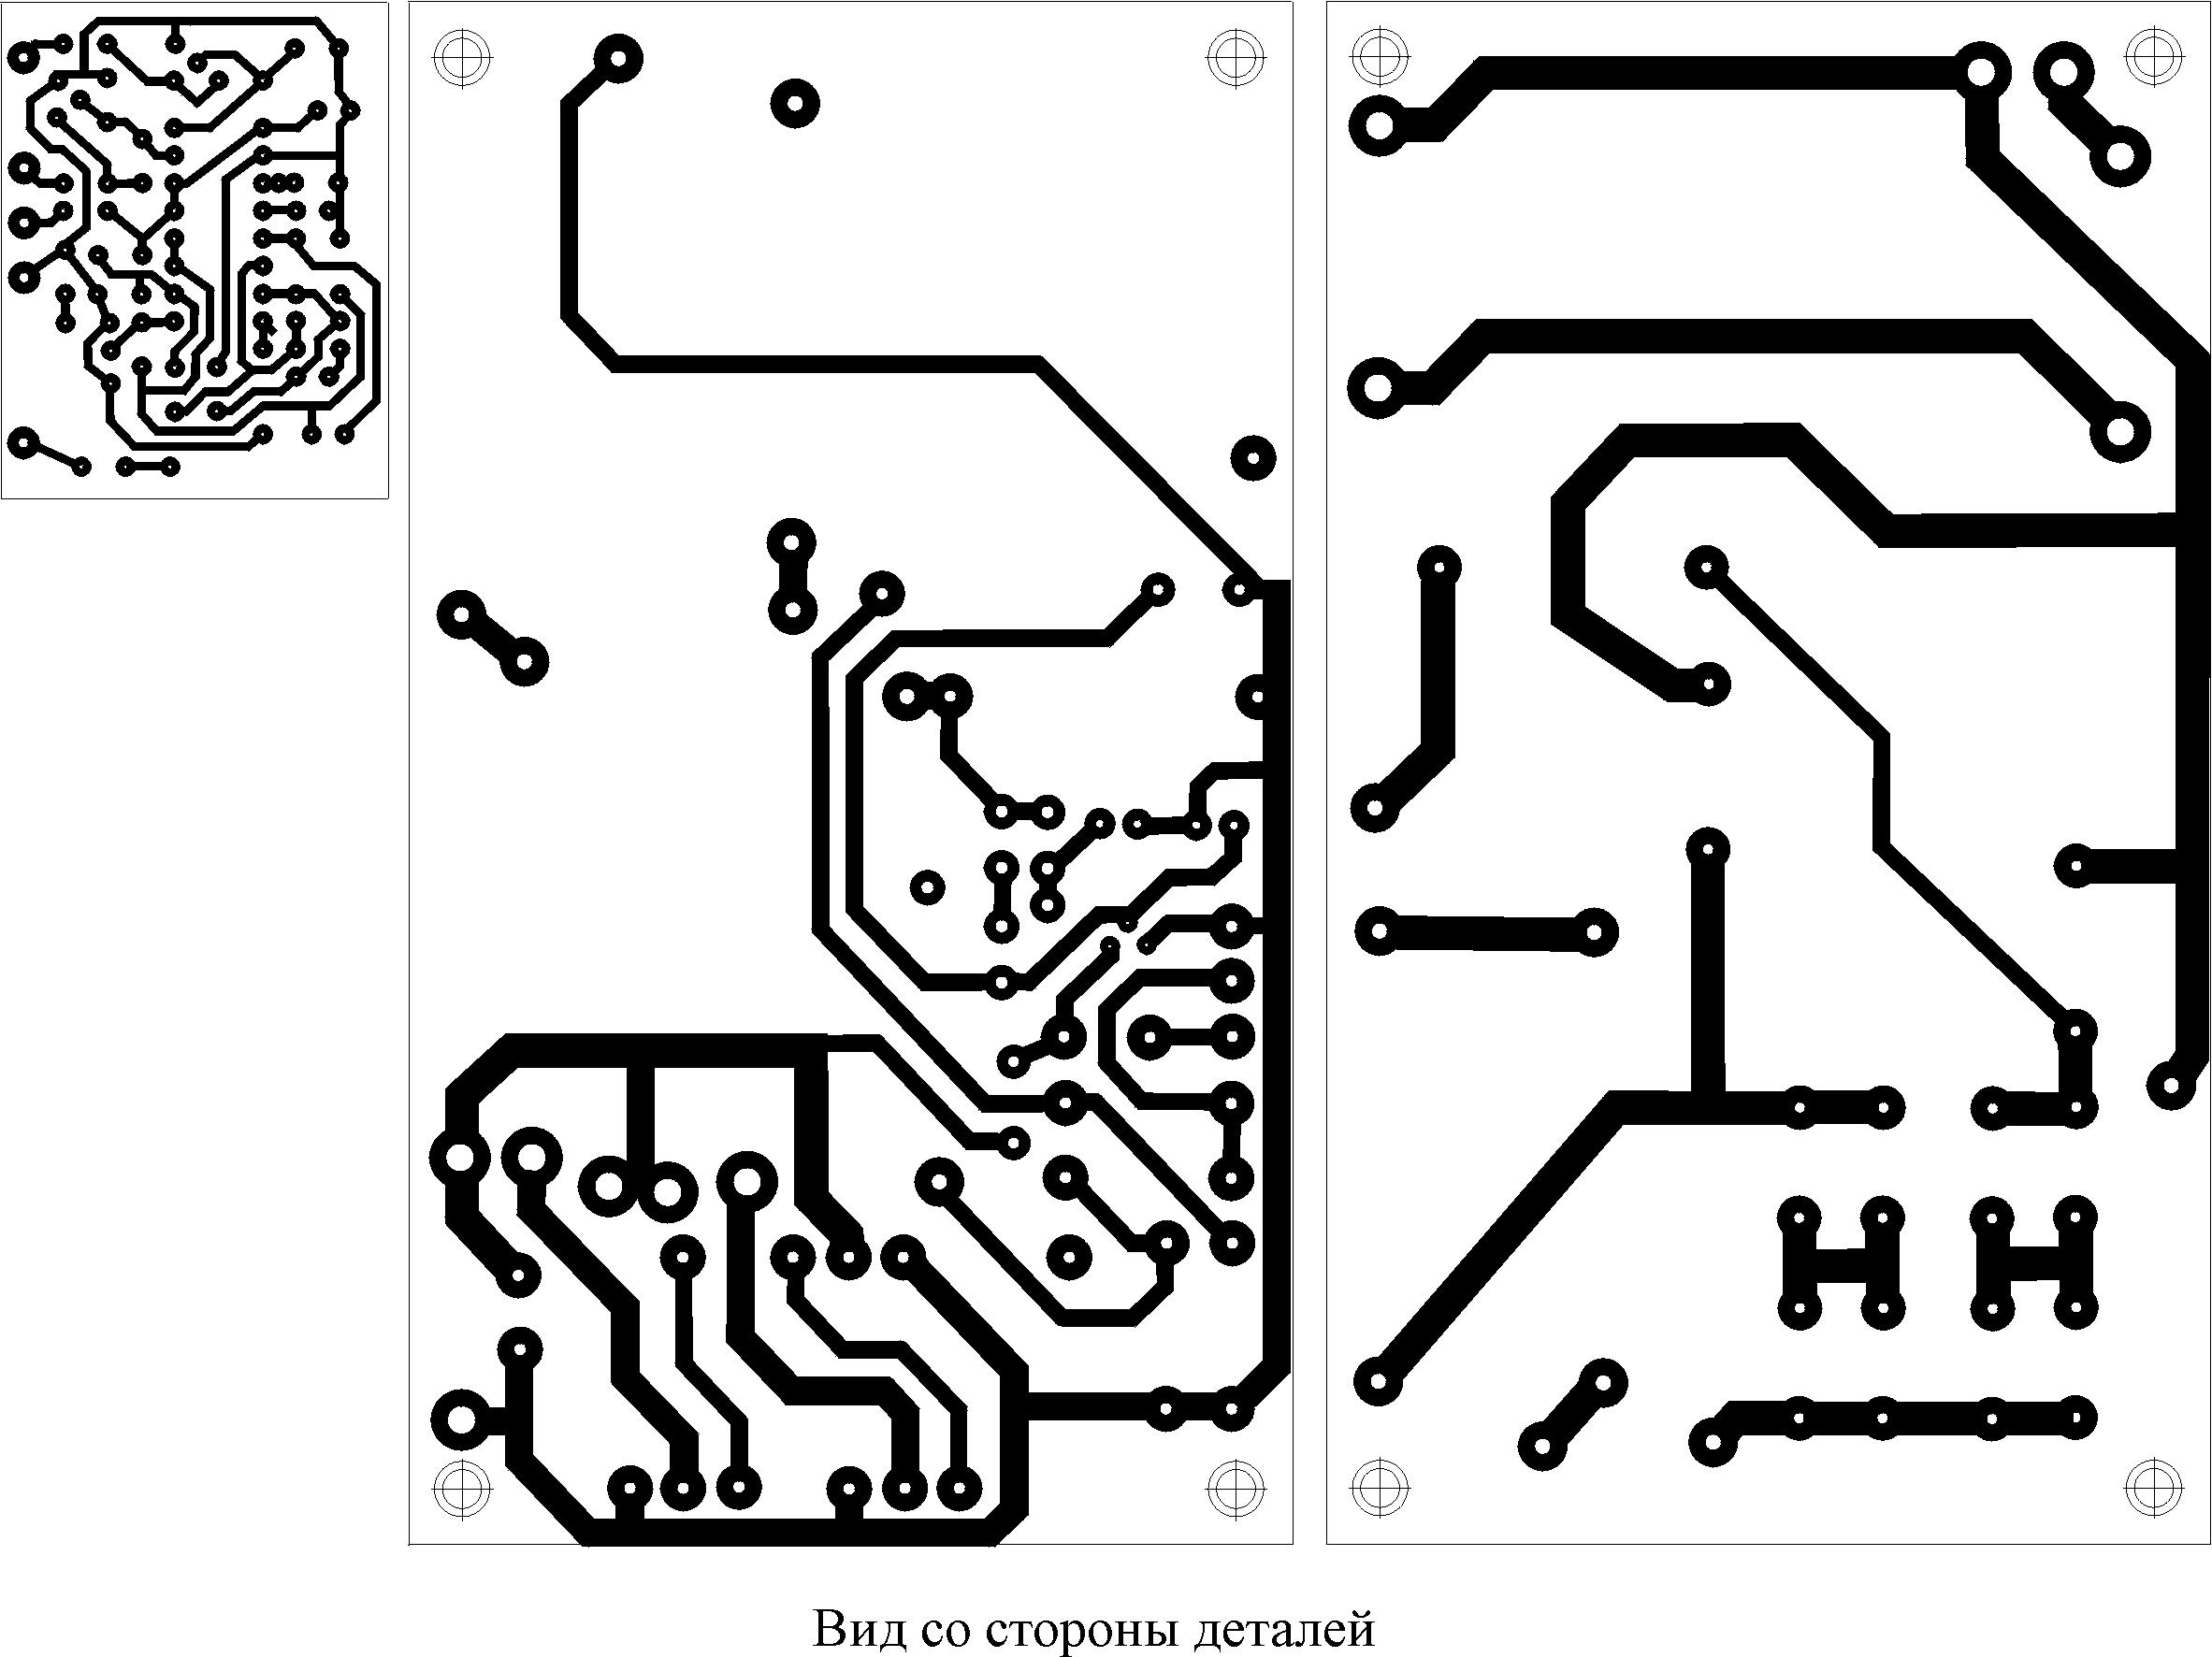 Схема блока розжига (Самодельный ксенон).  Удалить схему(Жалоба). материал из раздела.  Конструкции простой сложности.